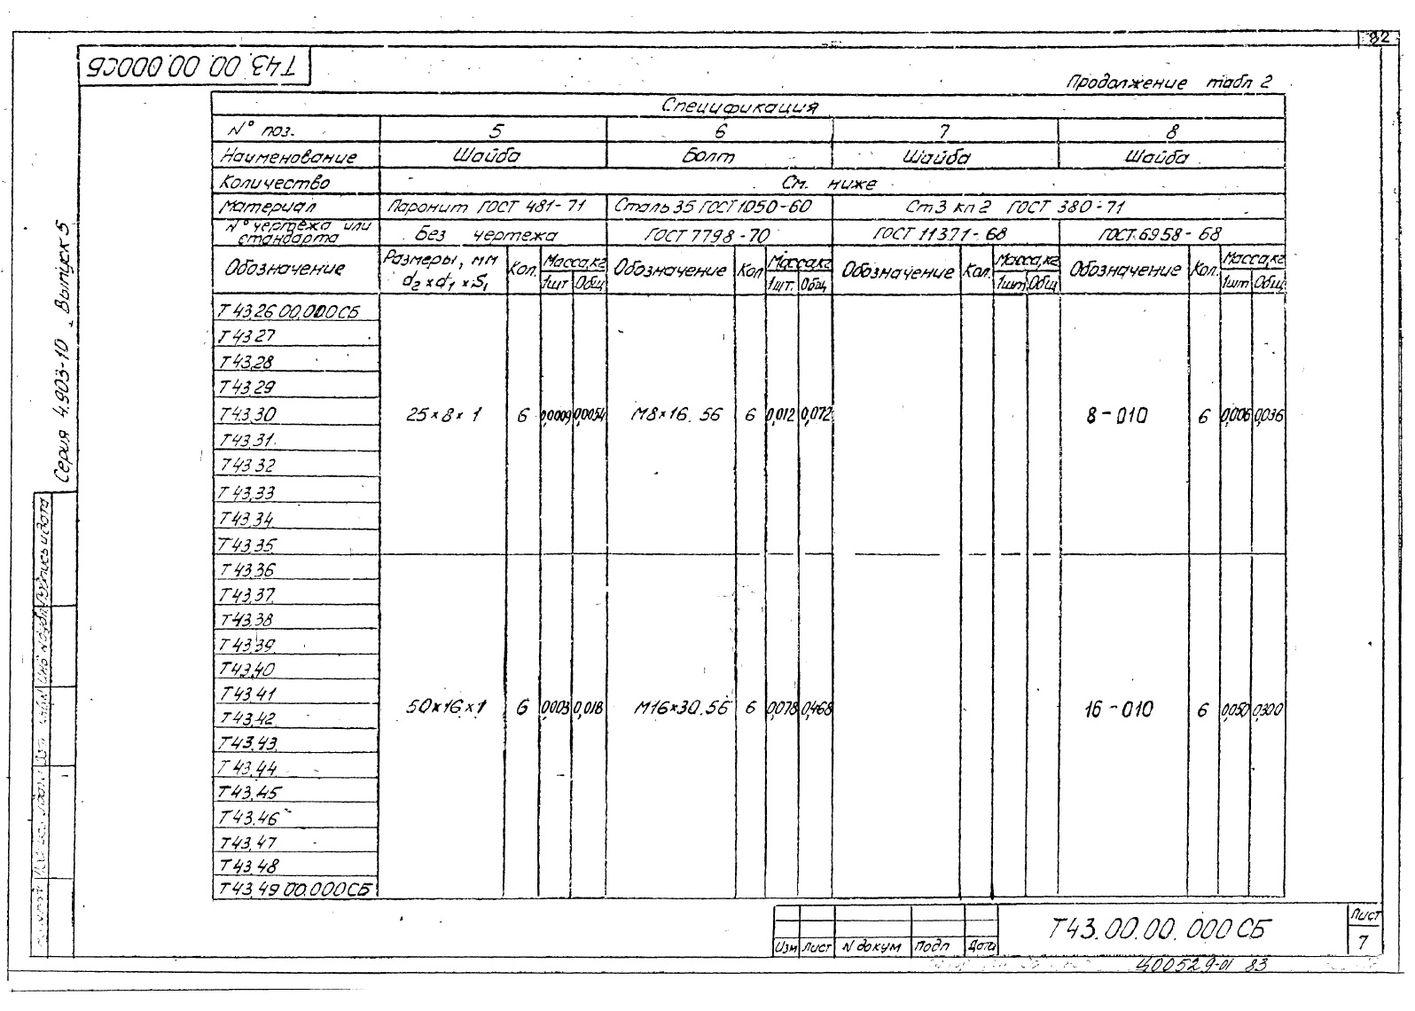 Плиты опорные с диэлектрической прокладкой Т43 серия 4.903-10 вып.5 стр.7